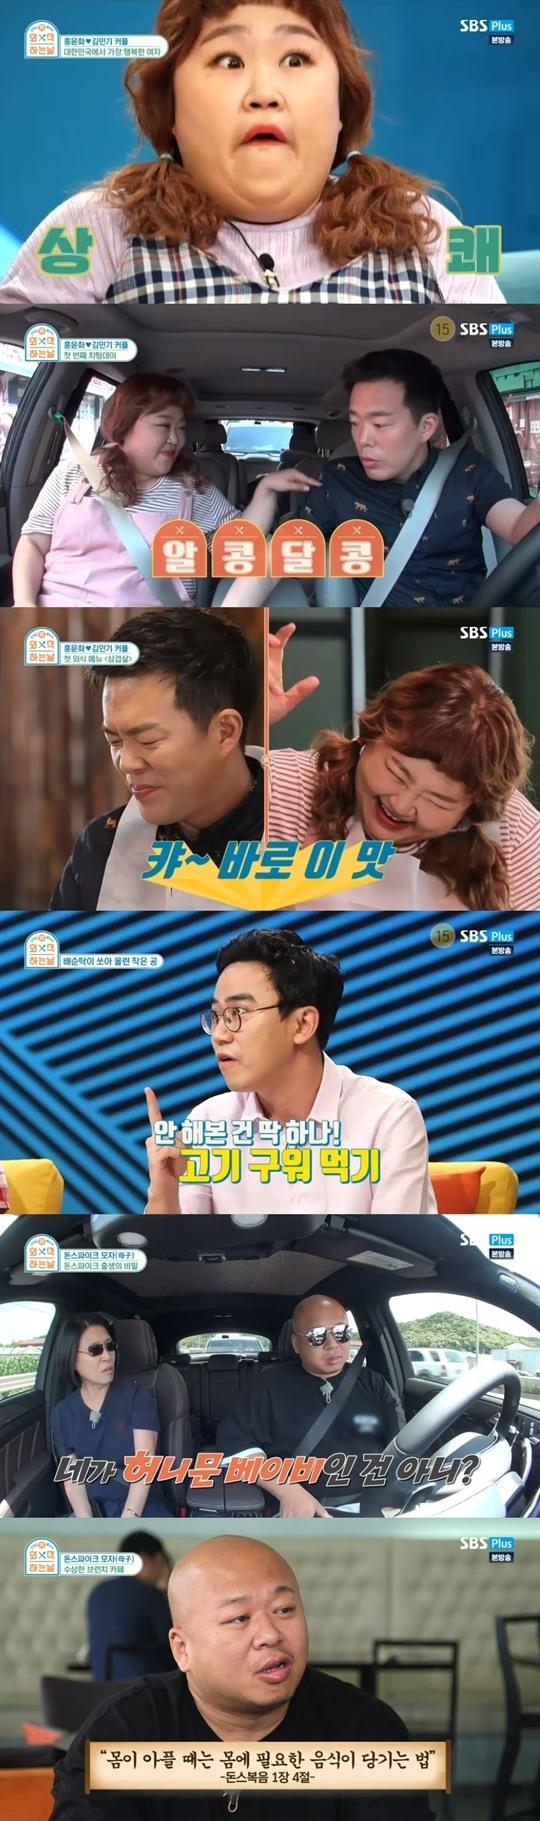 '외식하는 날' 침샘 폭발! 김민기X홍윤화·돈 스파이크 母子의 외식 먹방 (종합)